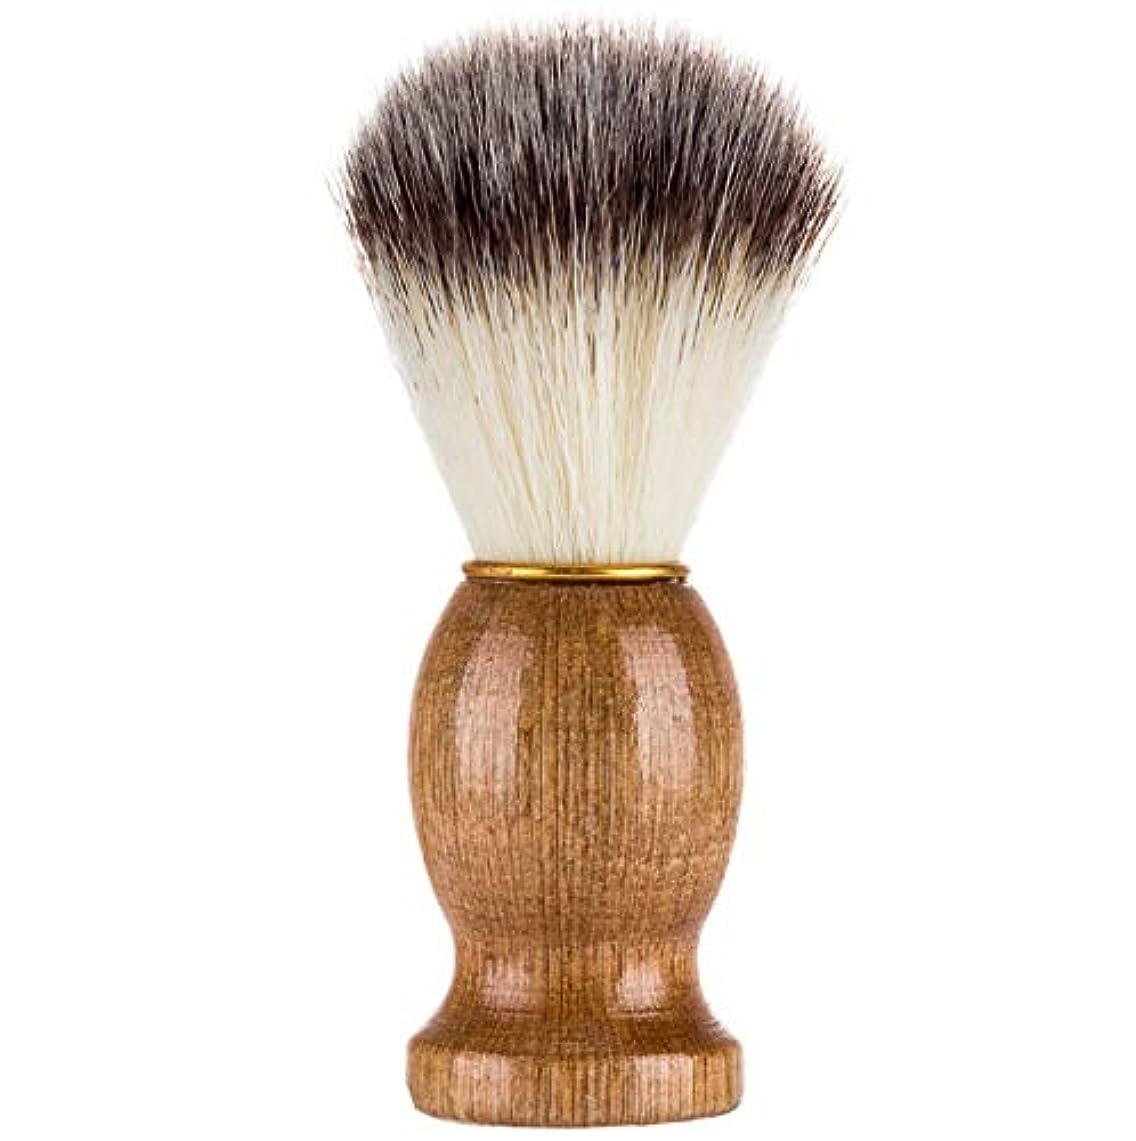 はぁ強いアーネストシャクルトンソフトヘアメイクブラシメンズシェービングブラシ品質剛毛新しいポータブルハイエンドひげブラシ美容ツール